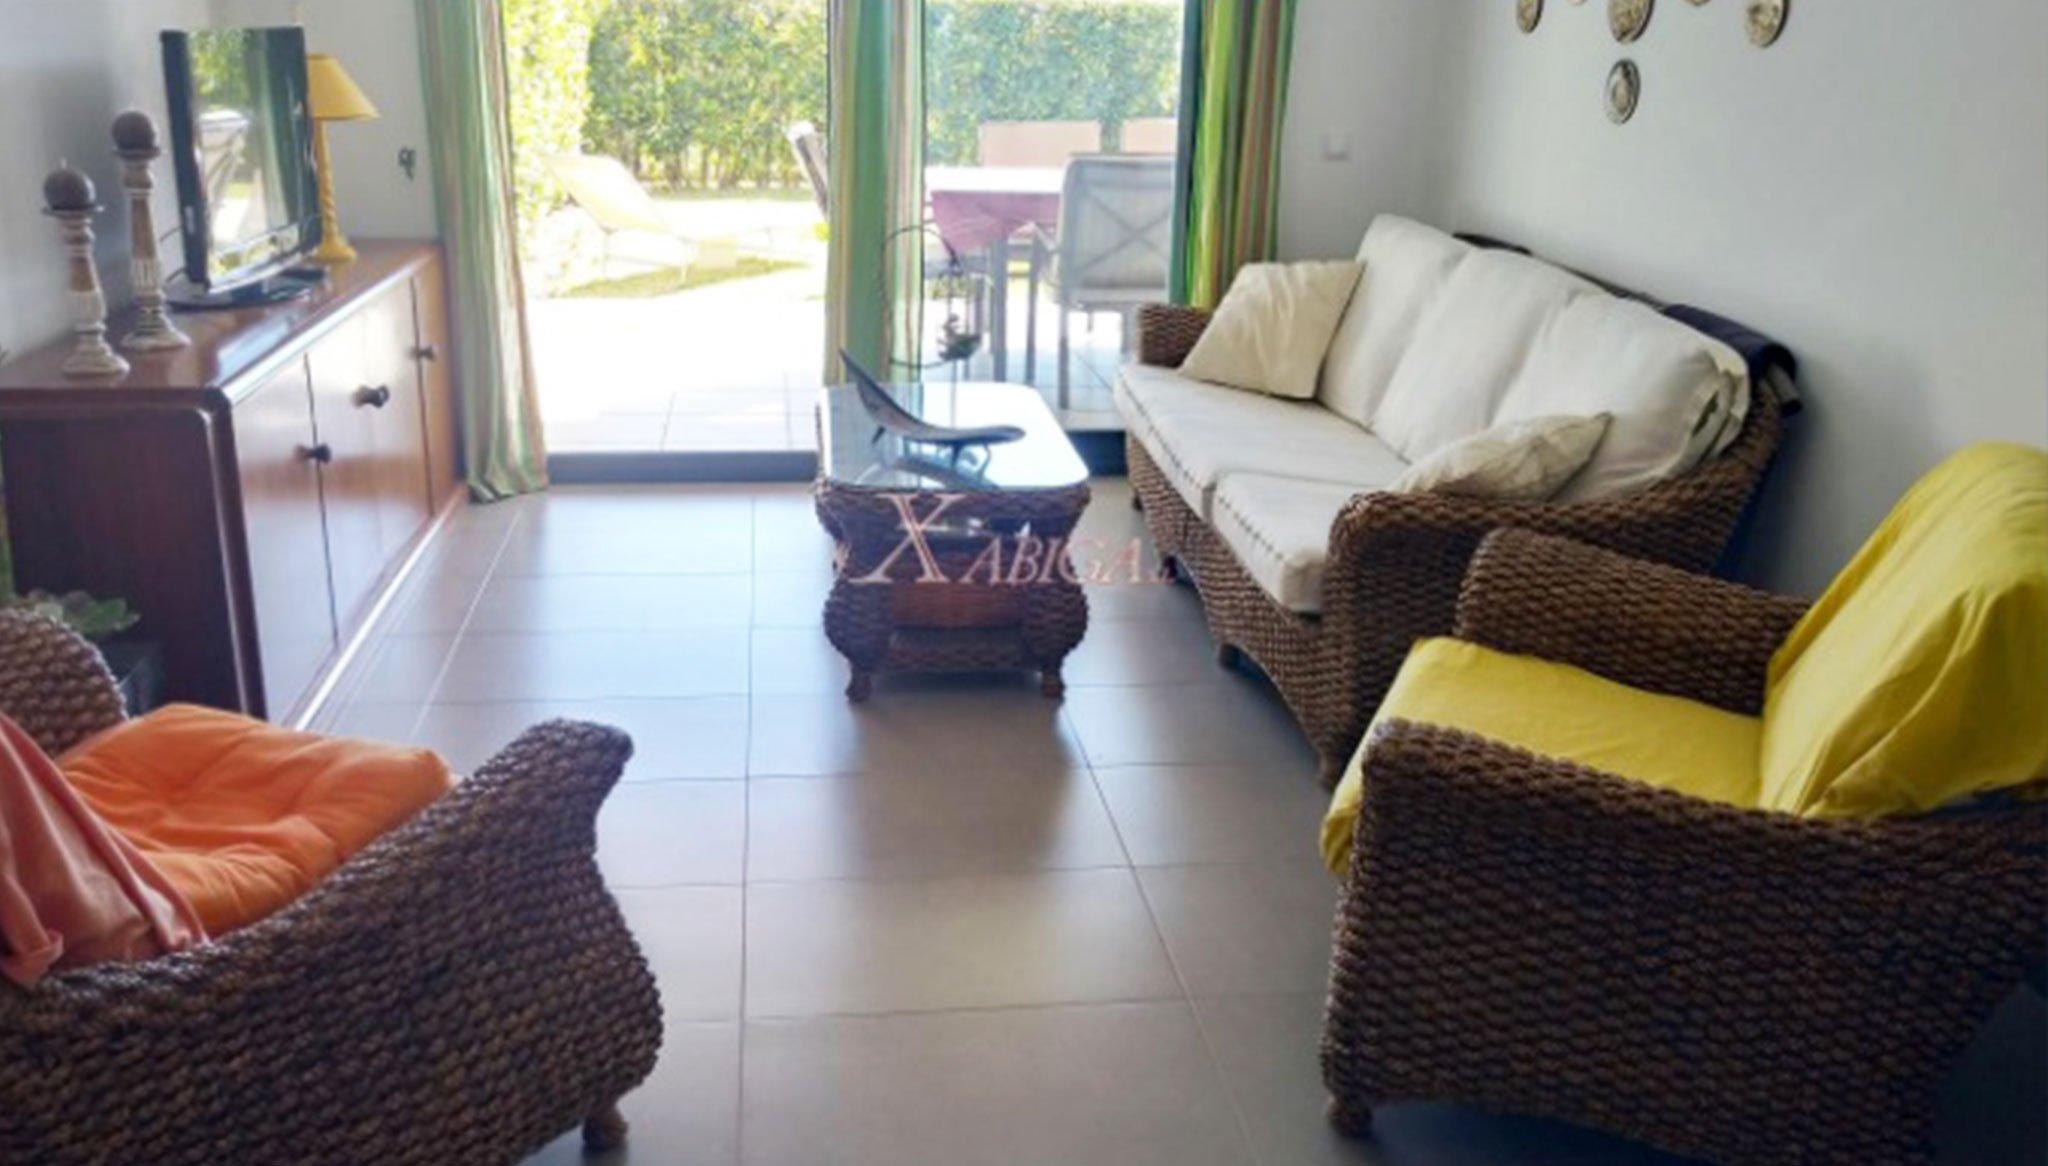 Salón comedor de un apartamento en venta en Jávea – Xabiga Inmobiliaria